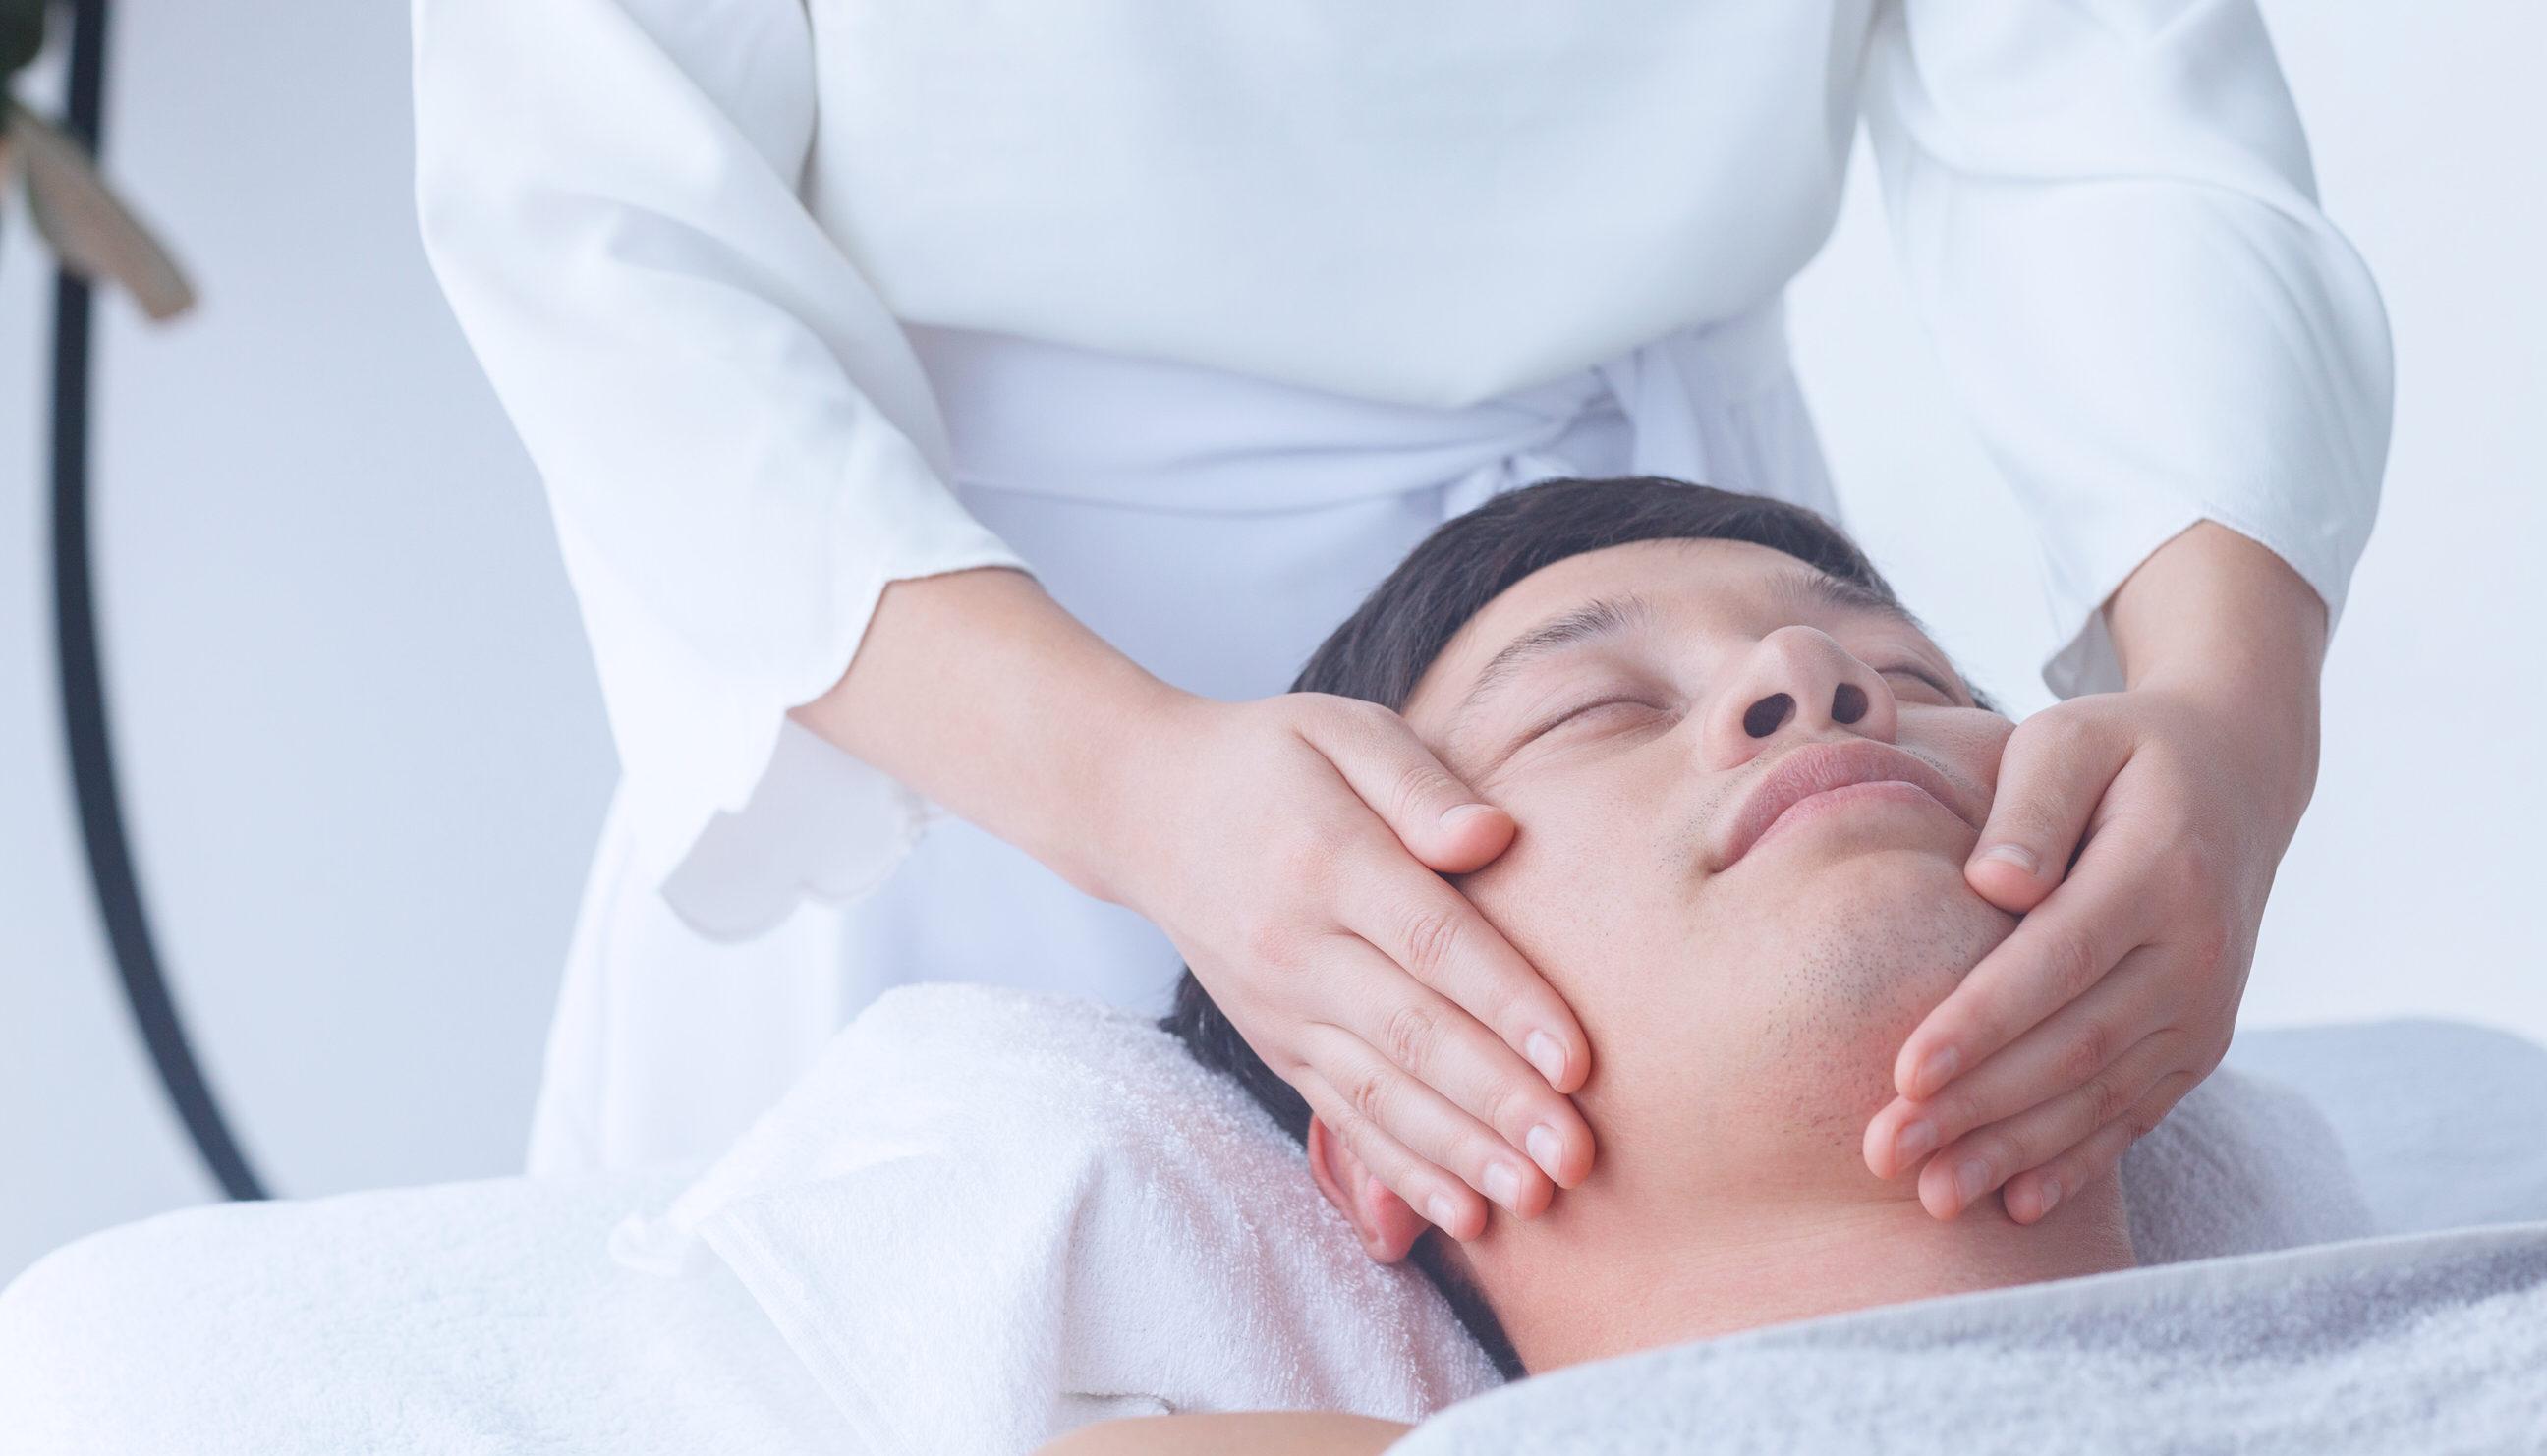 ヒゲ脱毛でツルツル肌になるまでの脱毛回数は平均15〜20回